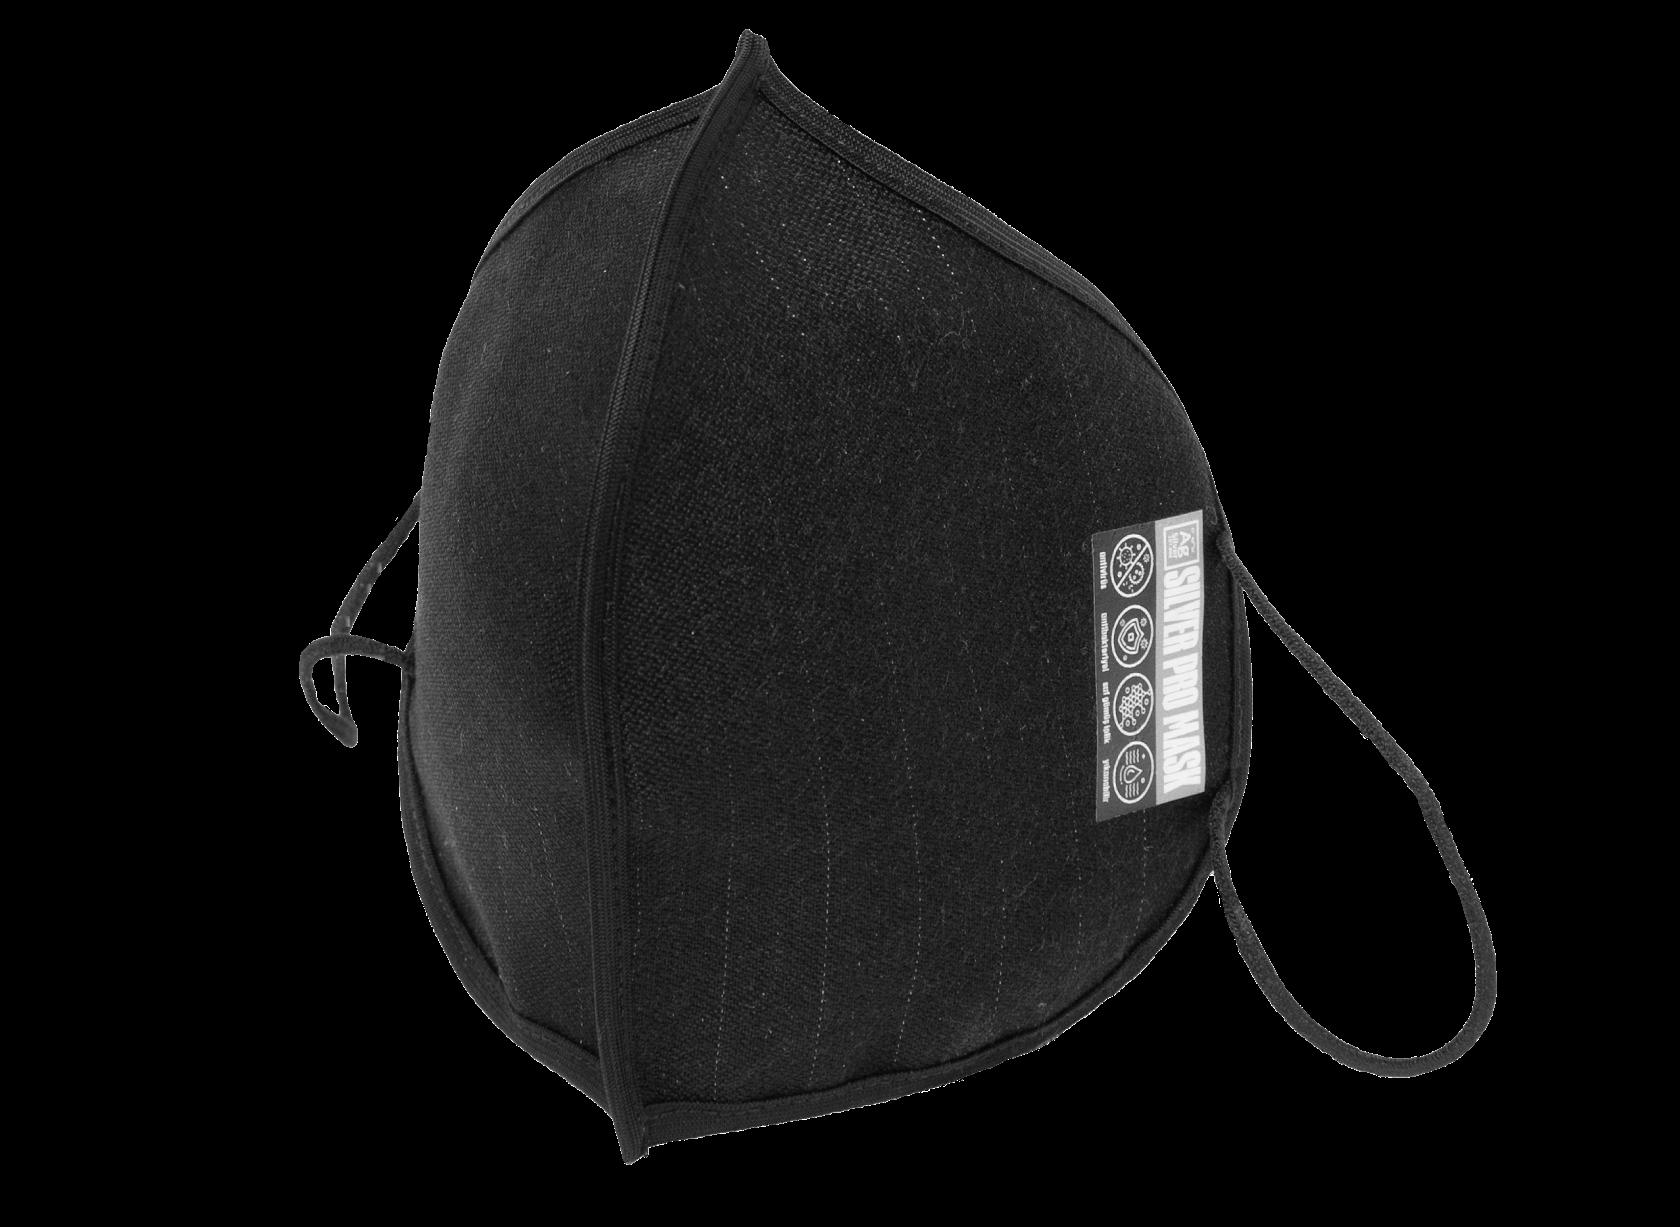 Saf Gümüşlü Maske Silver Pro Mask